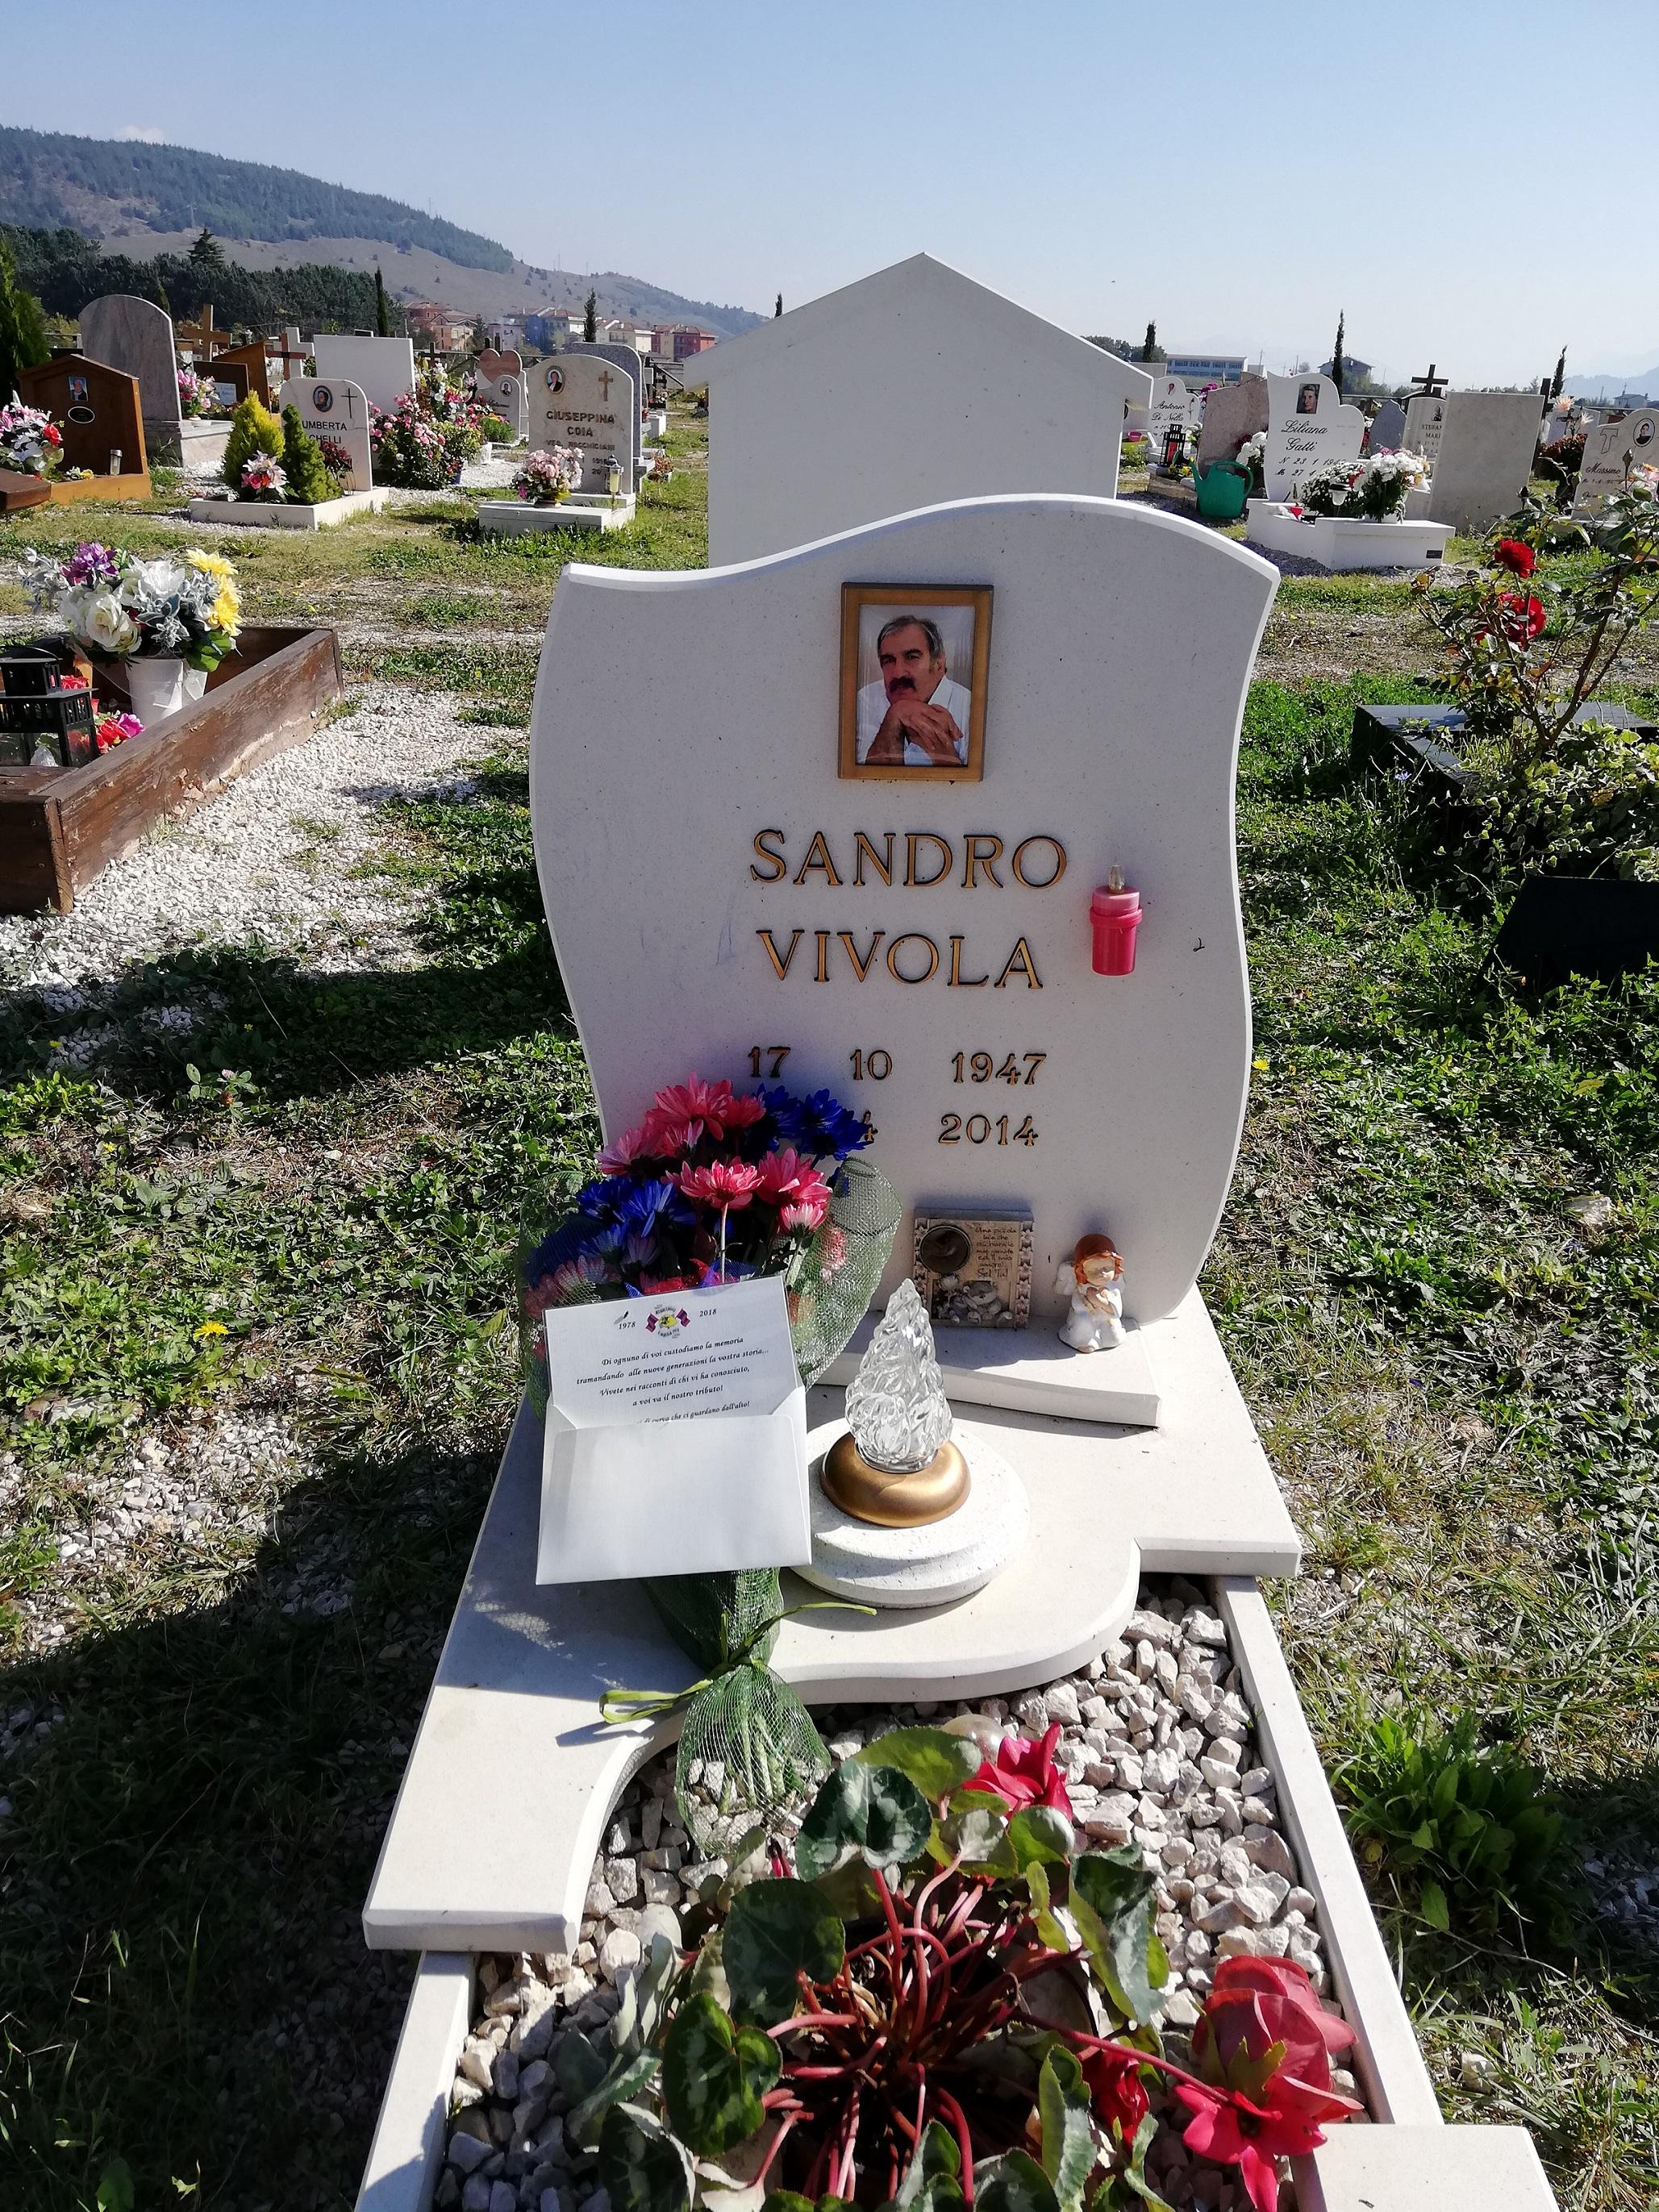 In memoria di Sandro Vivola  Sabato 20 Ottobre 2018 in occasione dei  40 anni Red Blue Eagles L'Aquila 1978